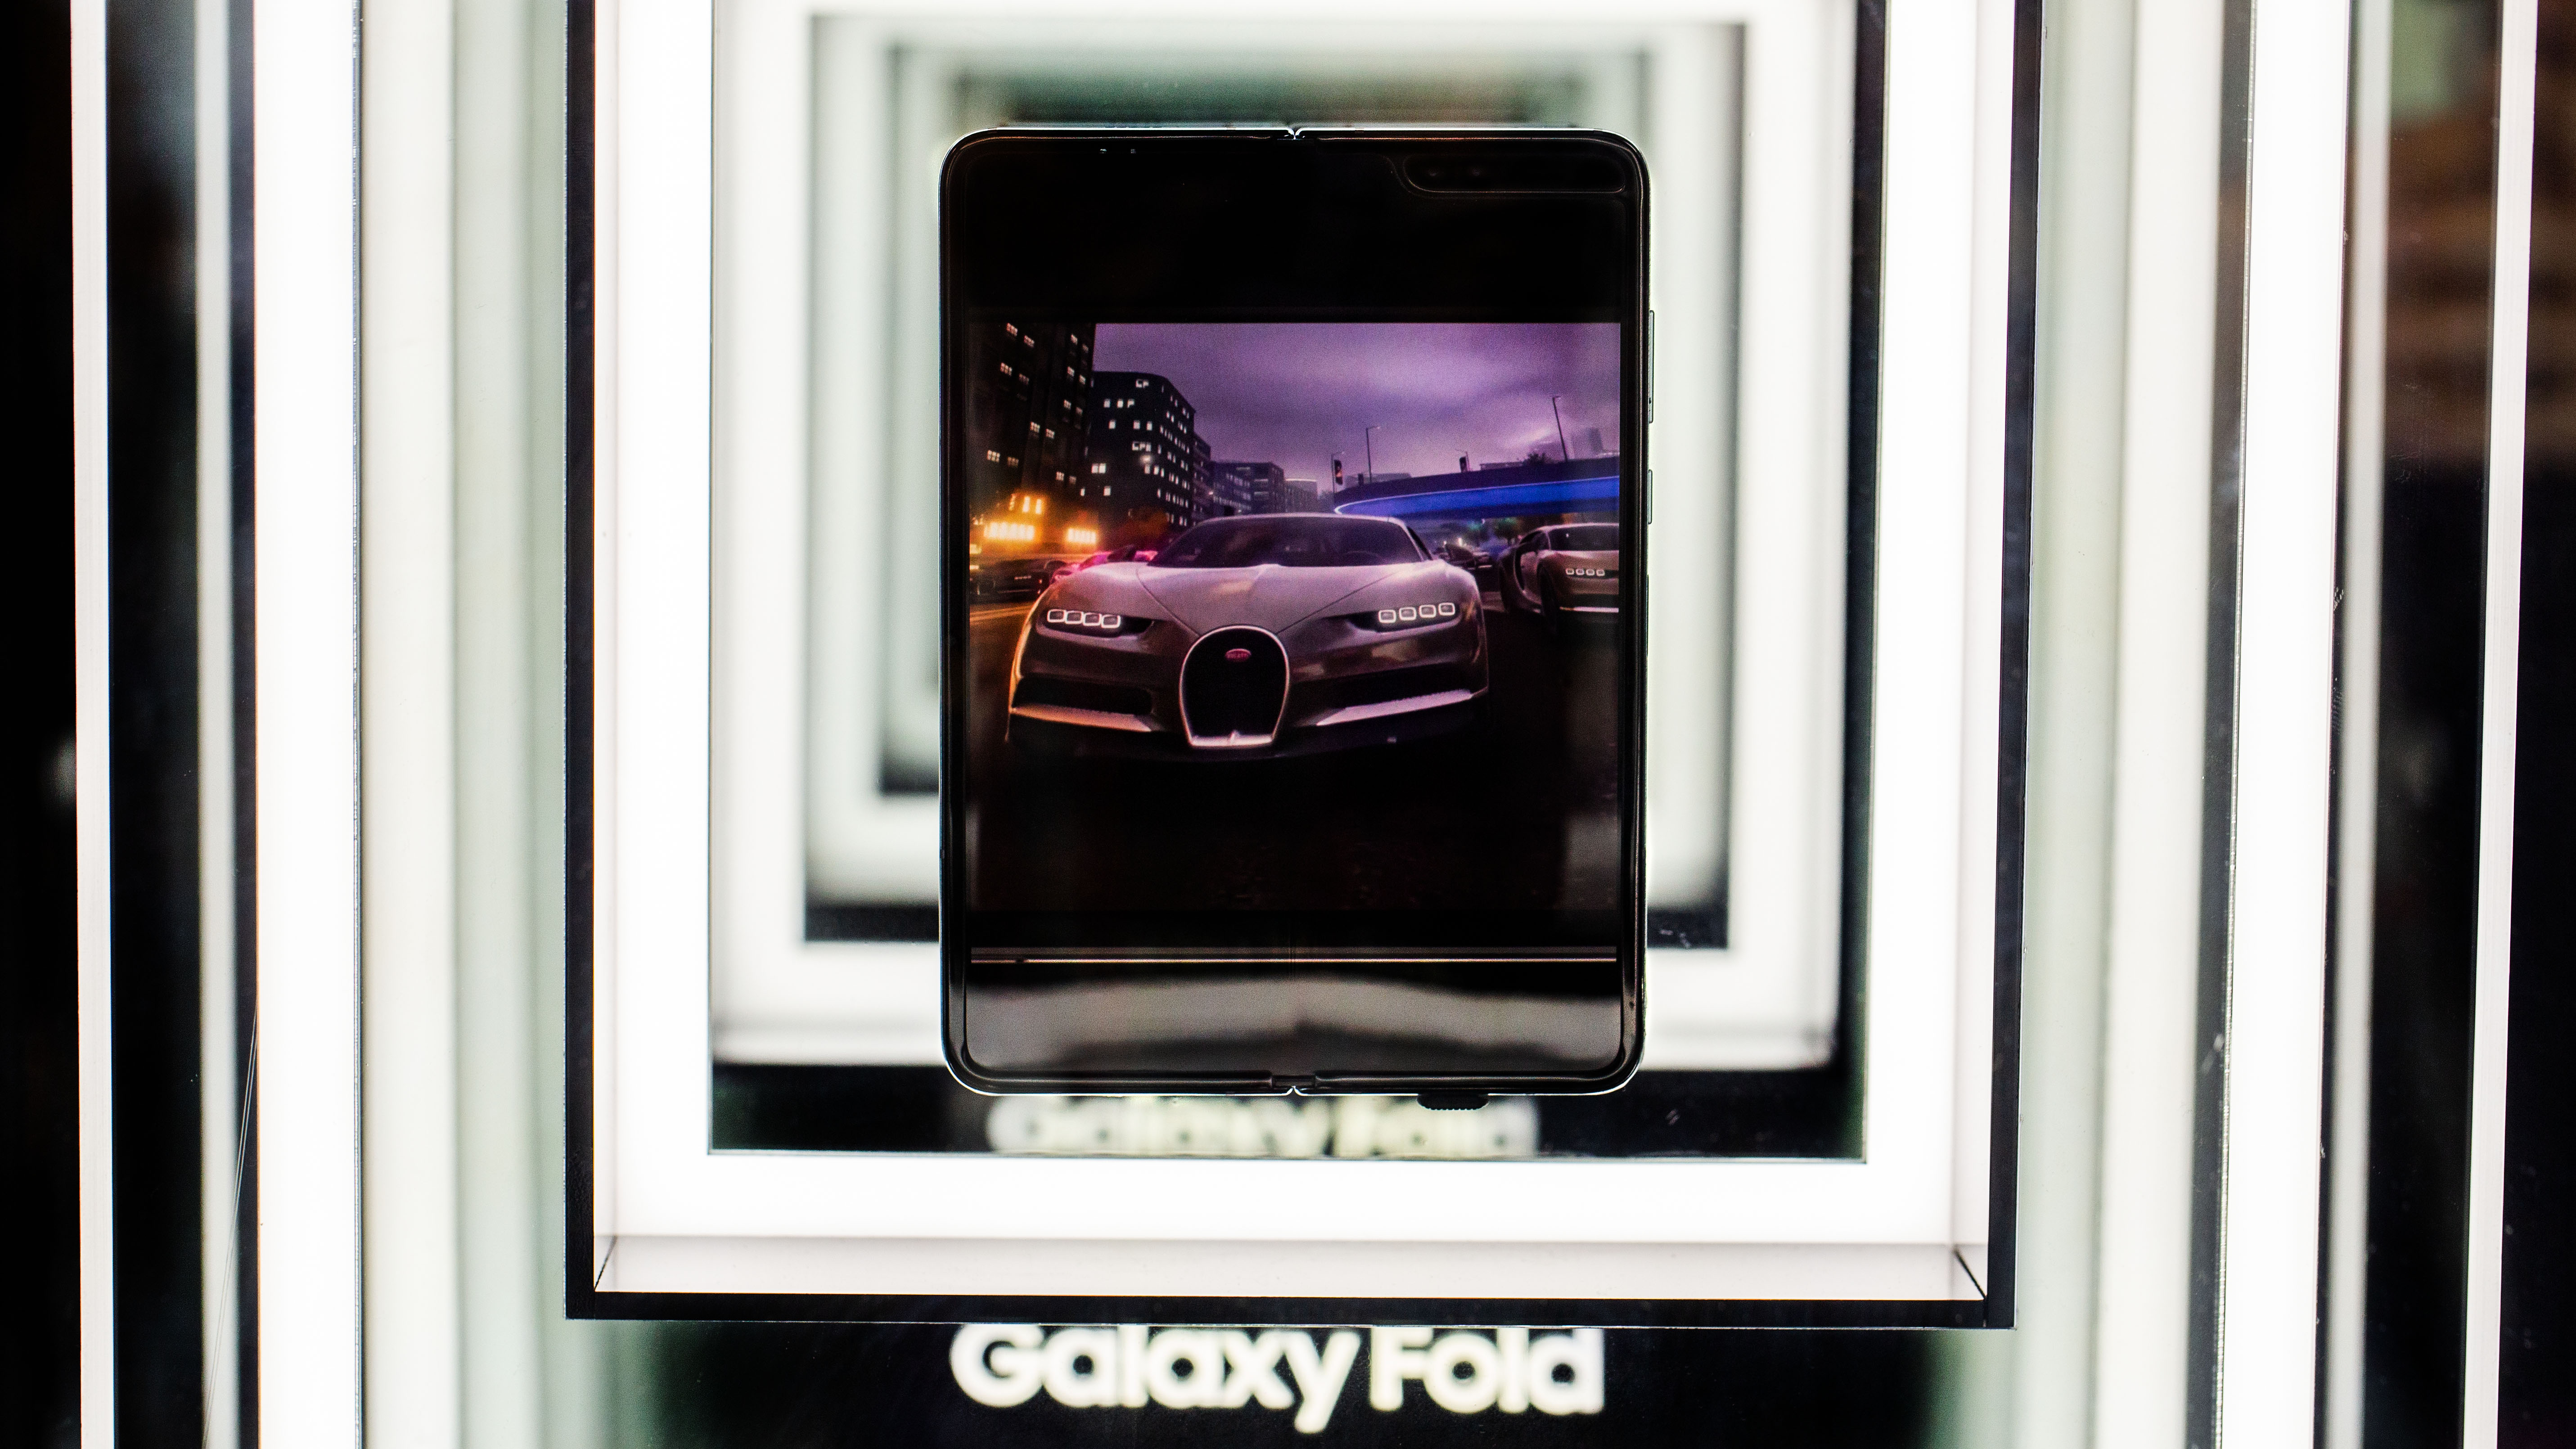 Samsung Galaxy Fold: Präsentationen verschoben. Probleme ernster als erwartet?